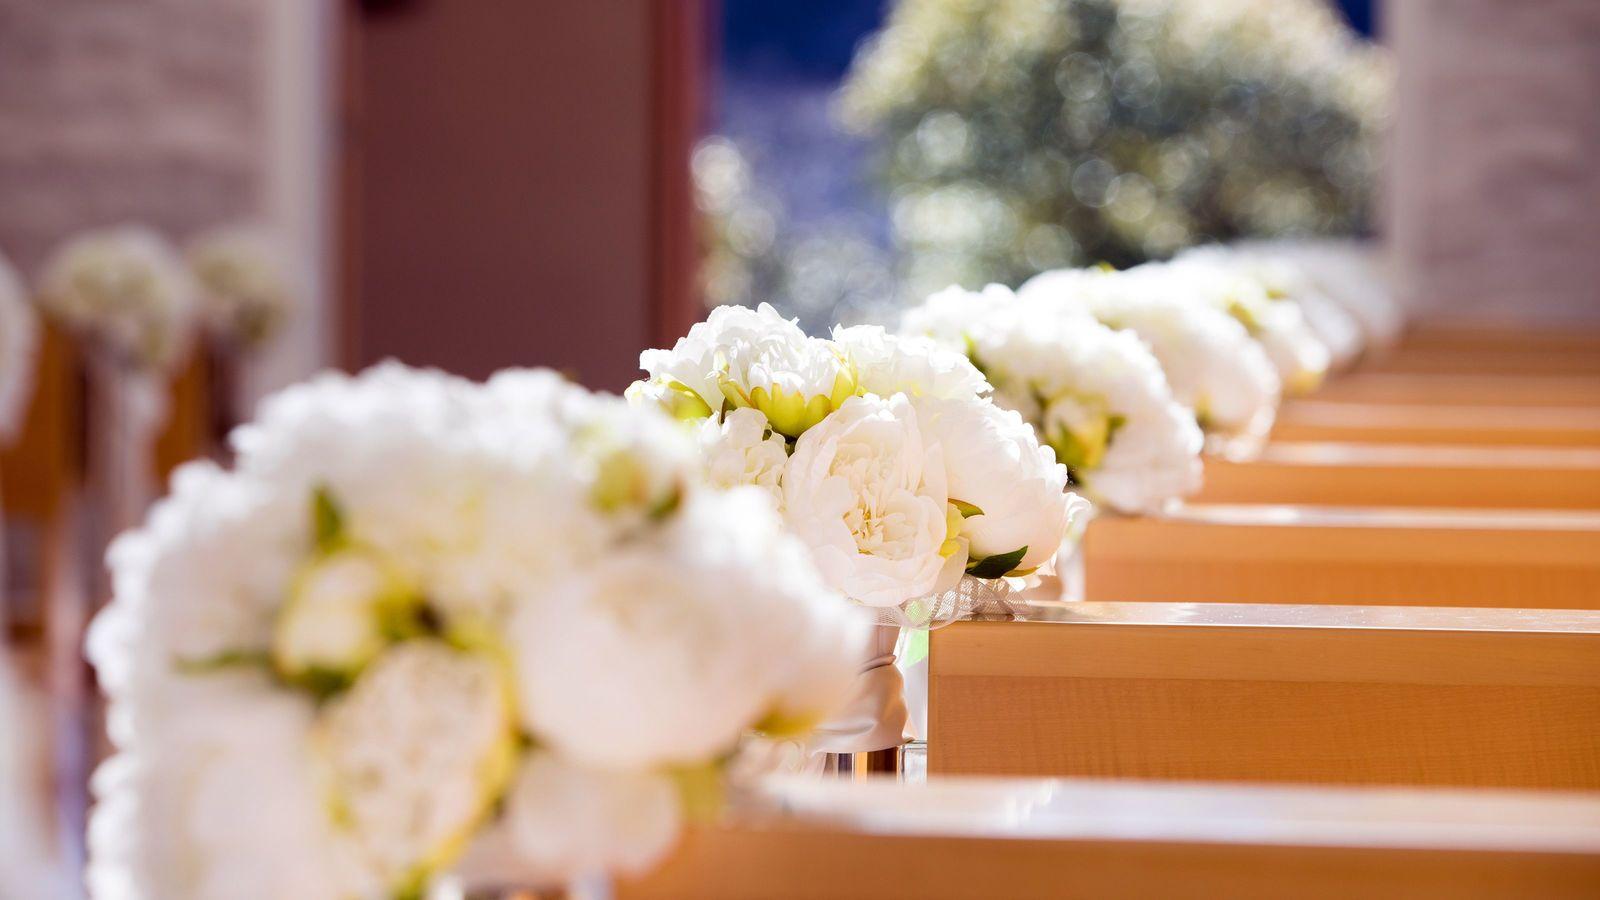 中国の結婚式が「午前11時58分」に始まる理由 それでも結局遅れてしまうのだが…